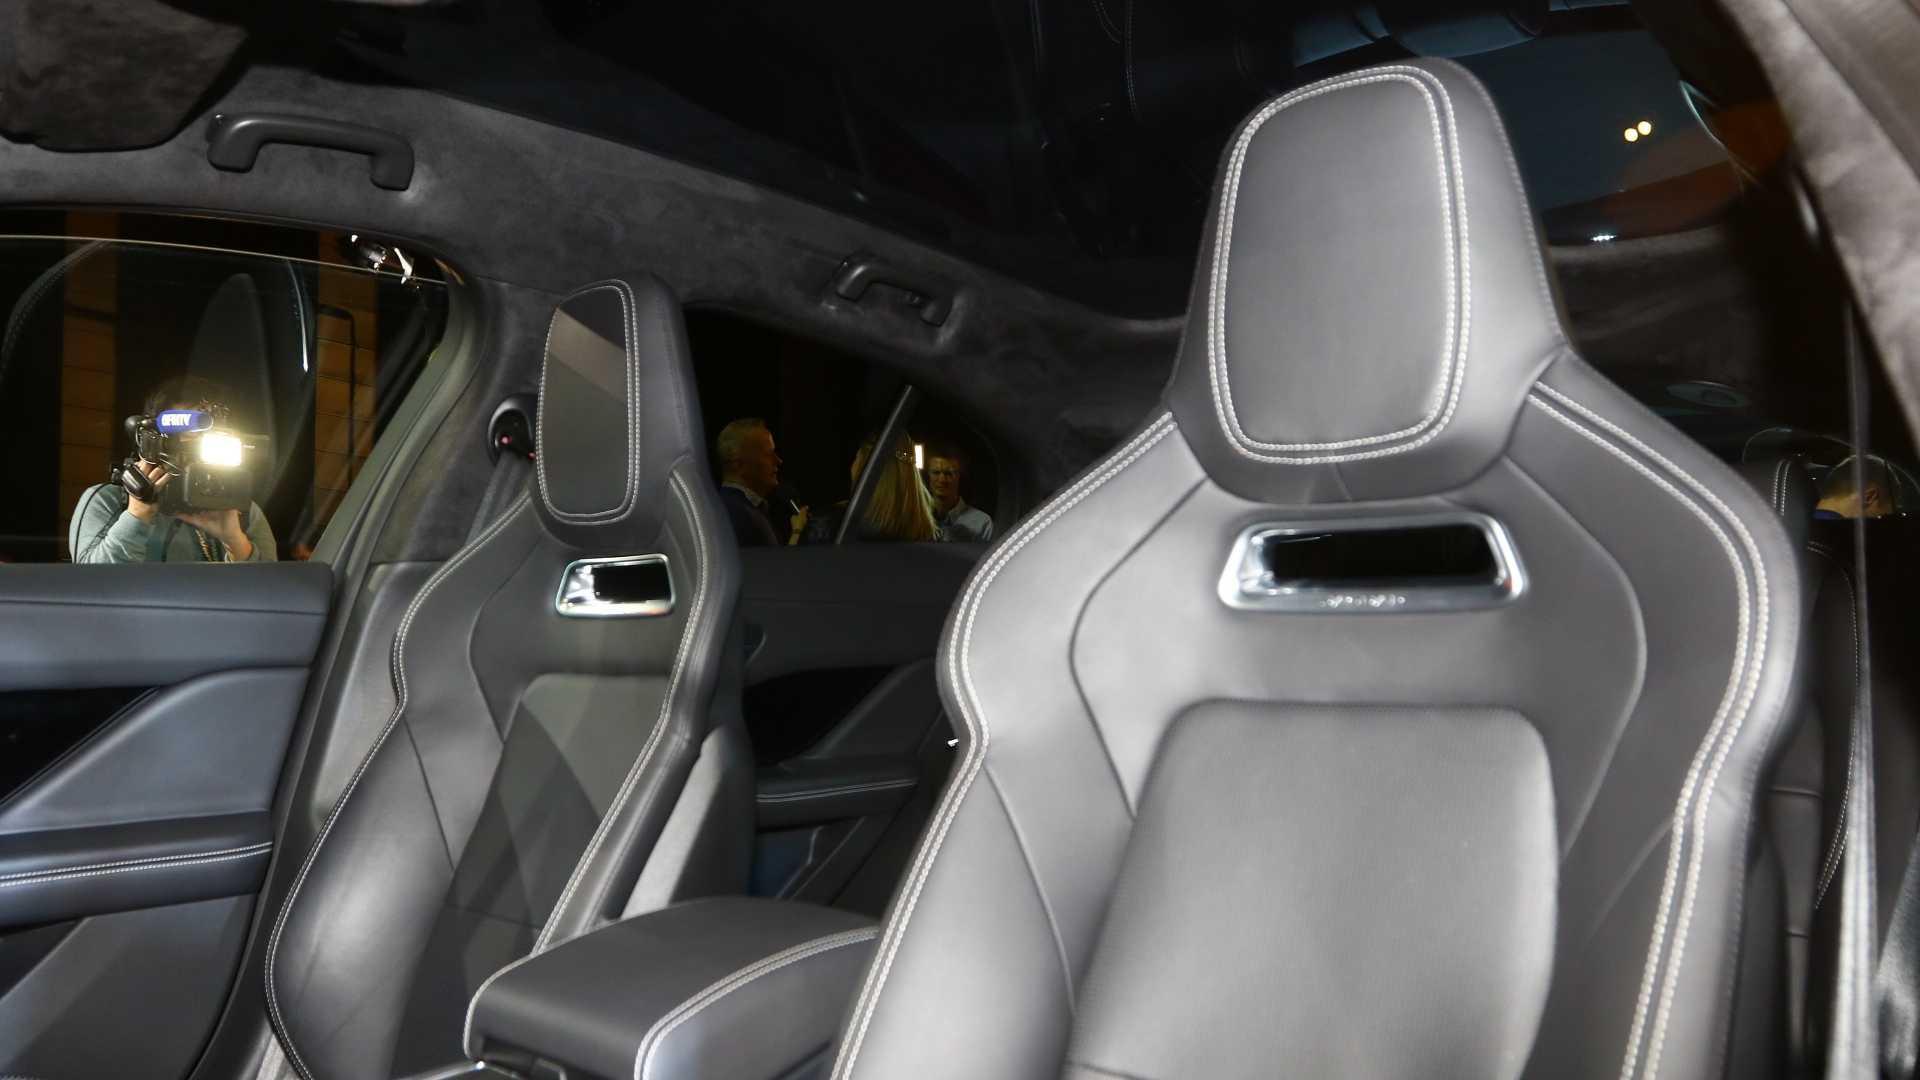 جگوار آی- پیس الکتریکی خودروی سال اروپا - 15